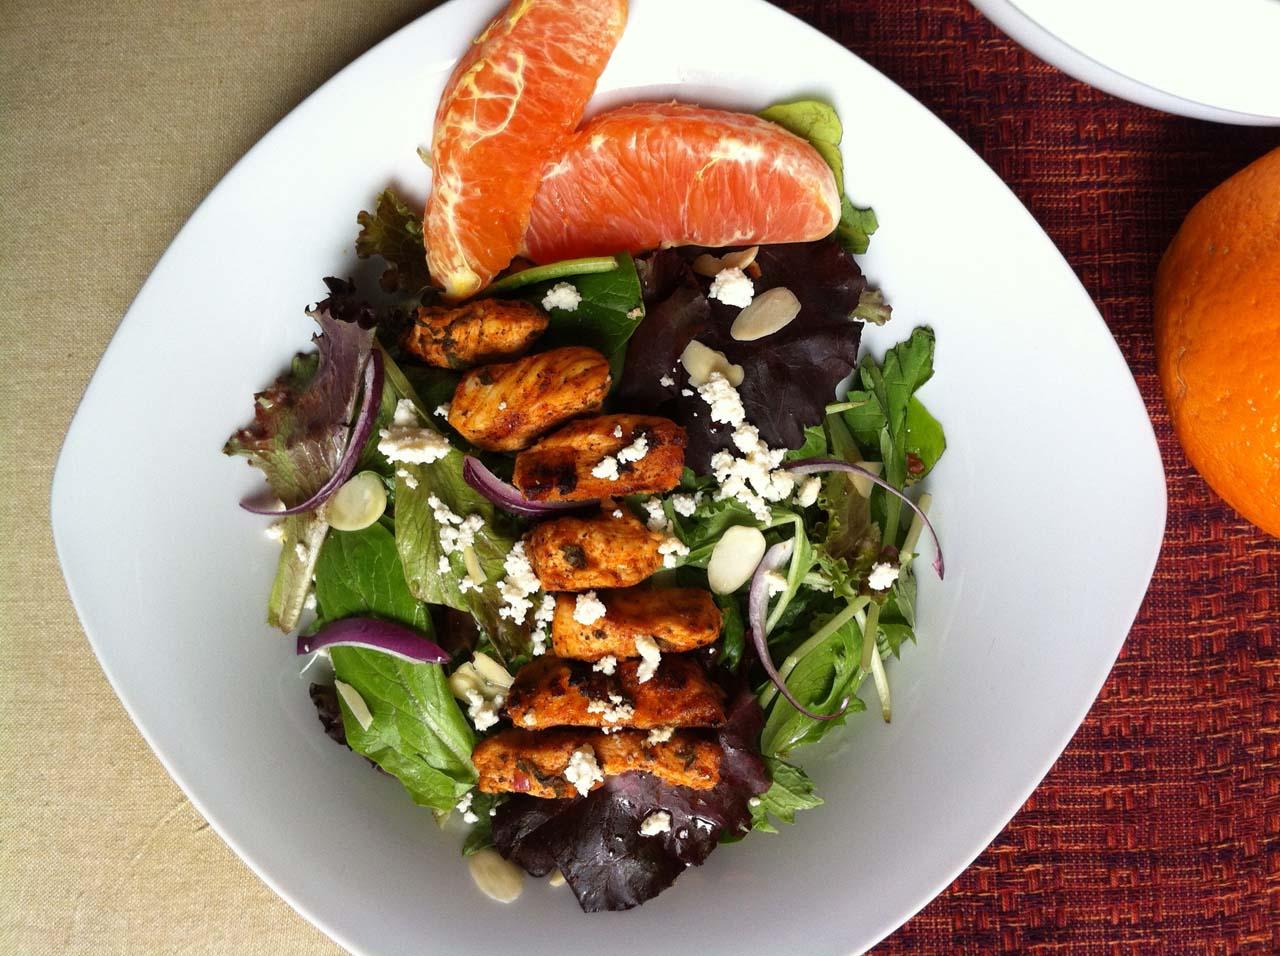 Warm Cajun Chicken Salad | Helen's healthy living dream cuisine